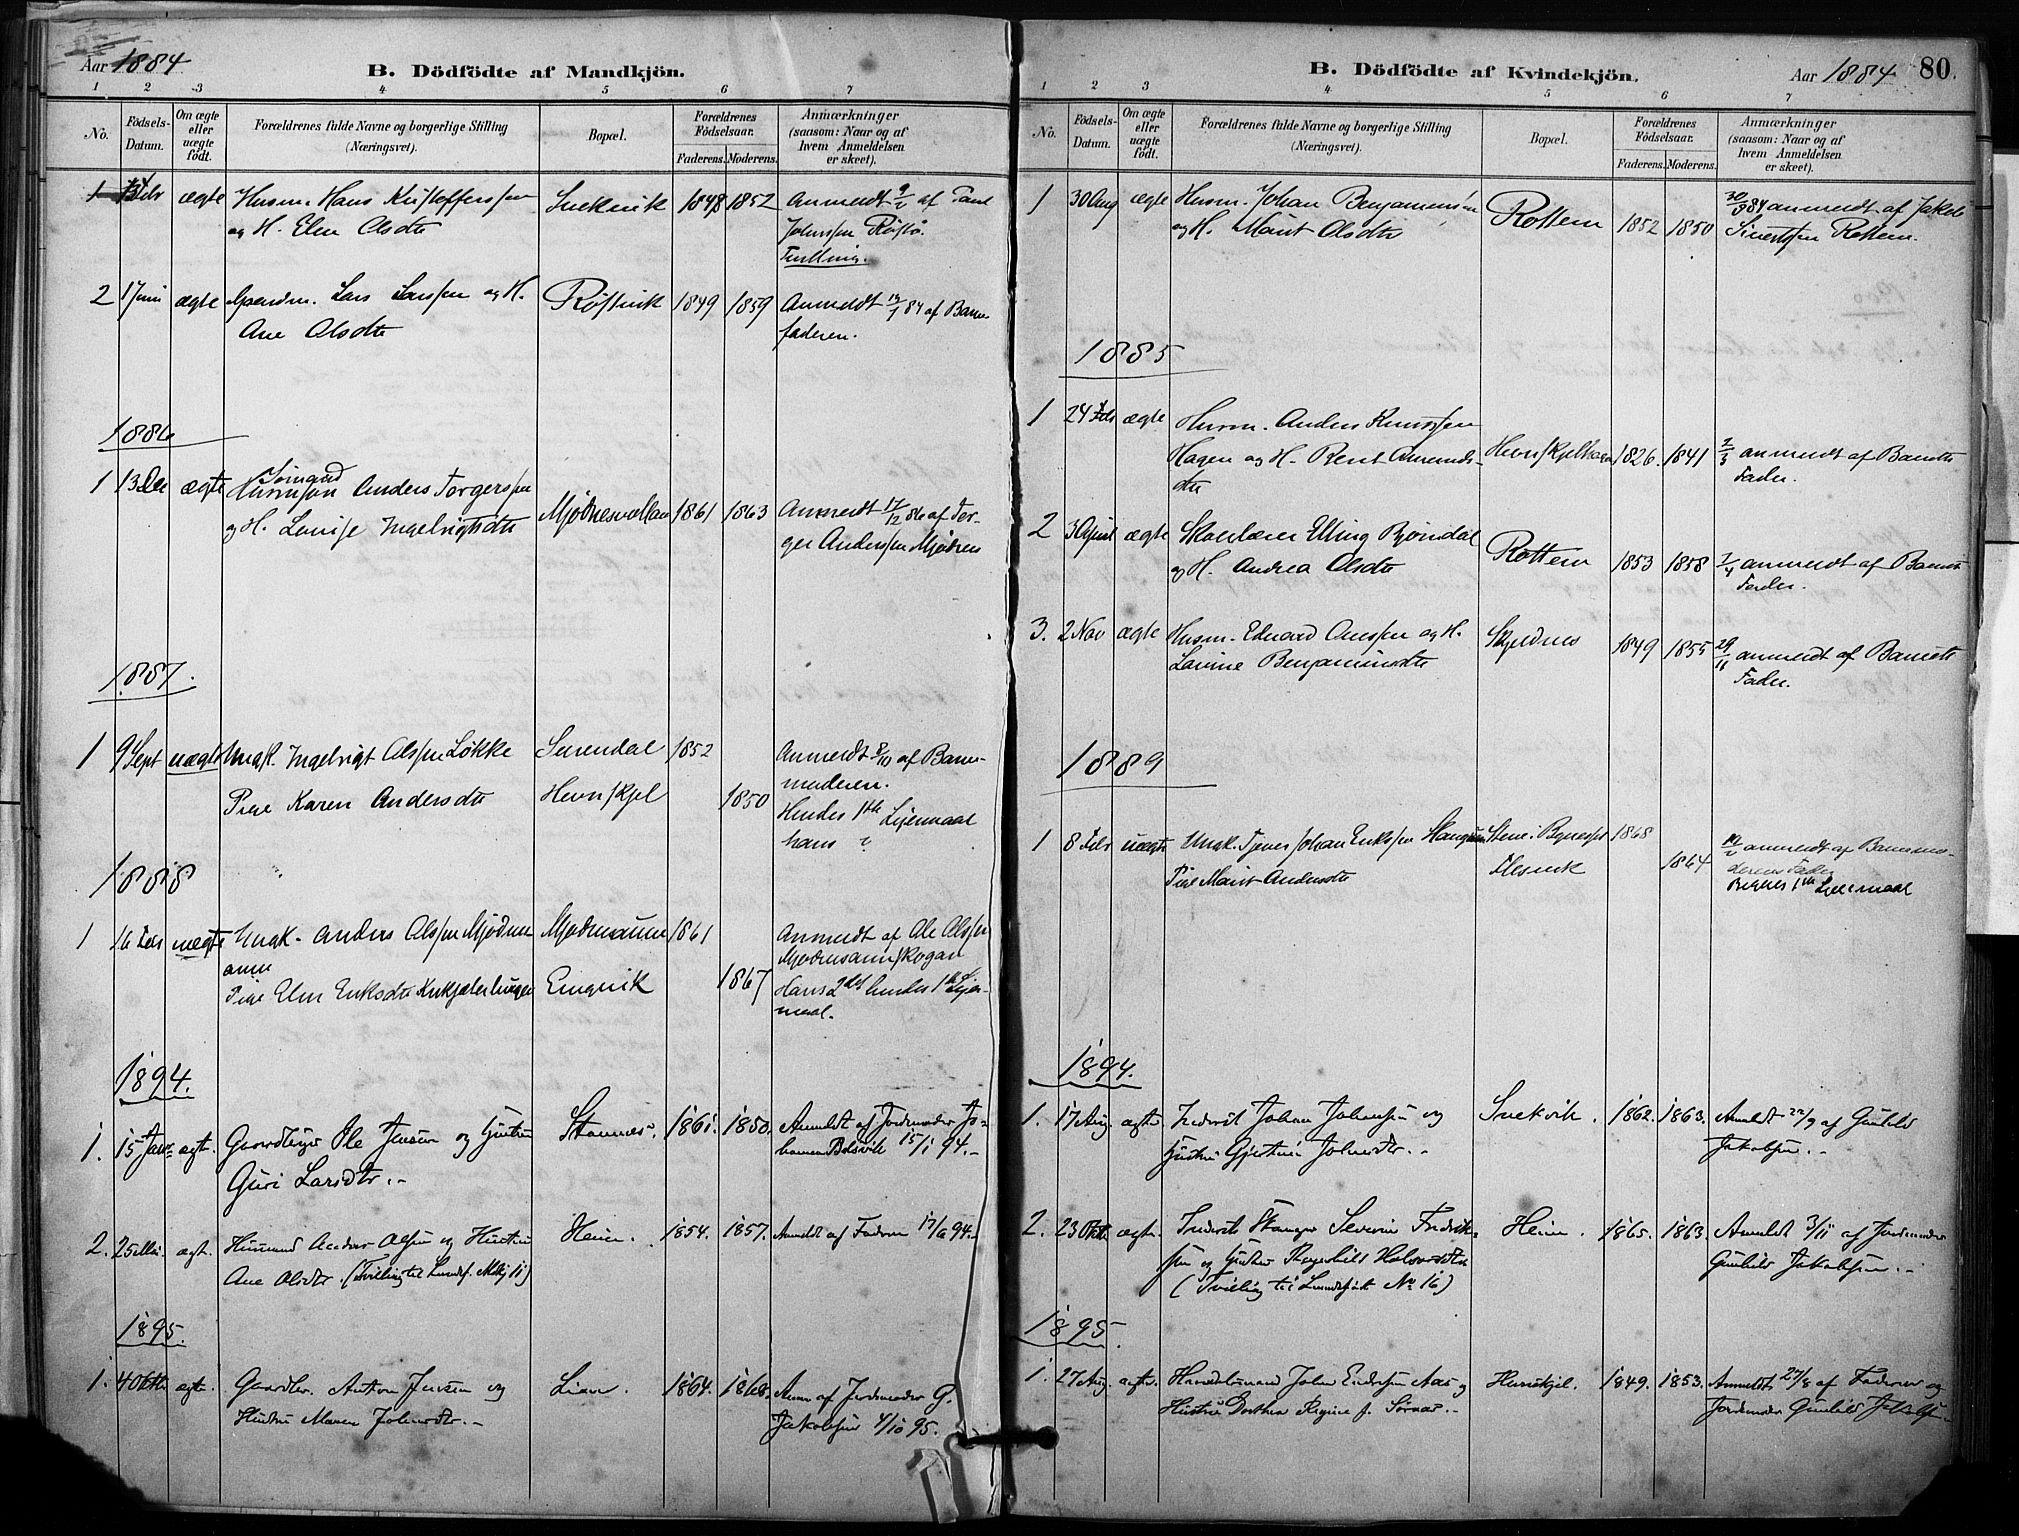 SAT, Ministerialprotokoller, klokkerbøker og fødselsregistre - Sør-Trøndelag, 633/L0518: Ministerialbok nr. 633A01, 1884-1906, s. 80